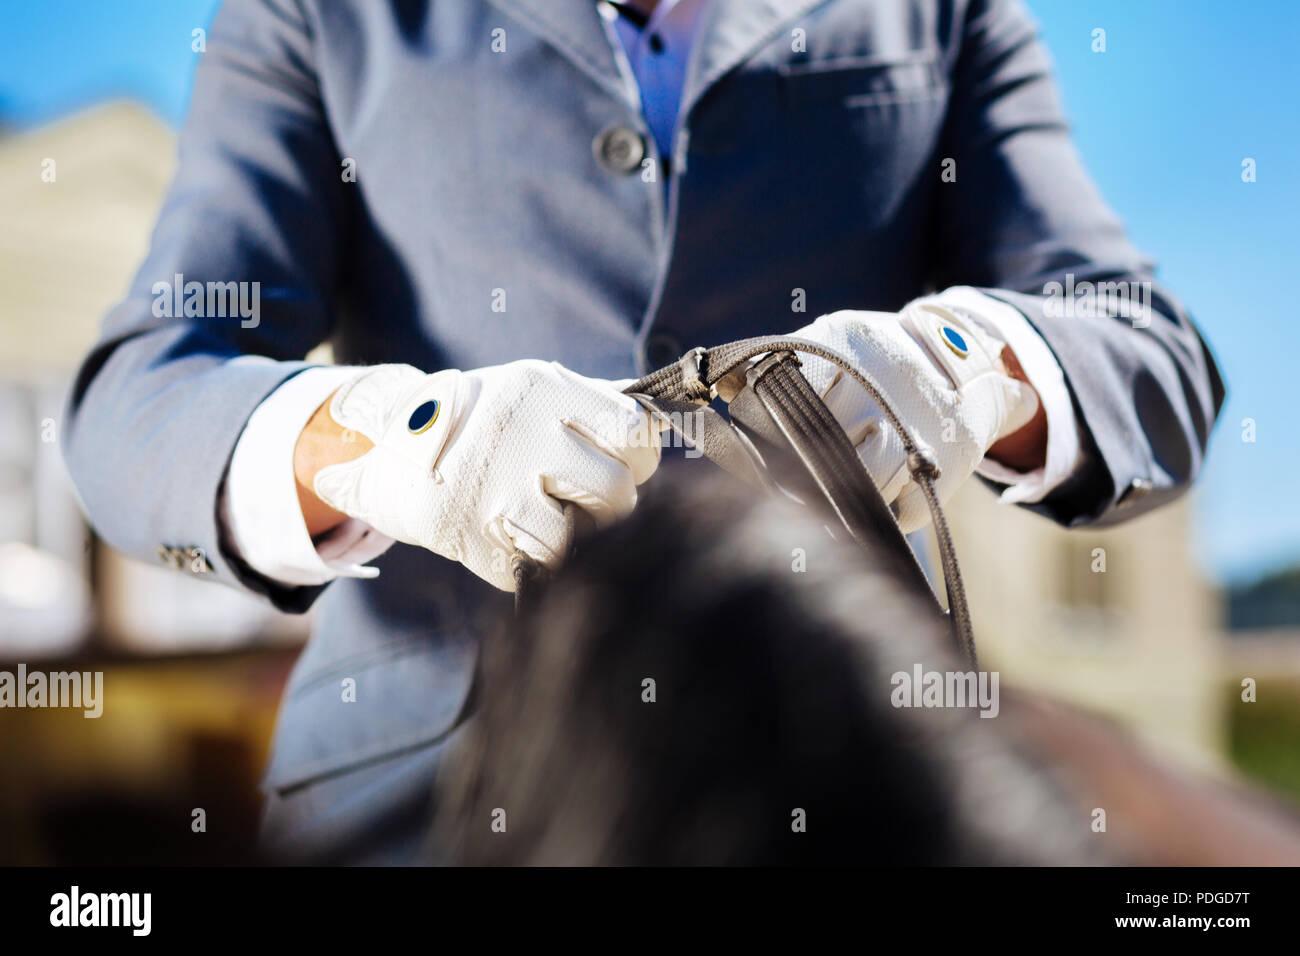 Porter des gants bleu sportif étant prêt pour l'équitation Photo Stock